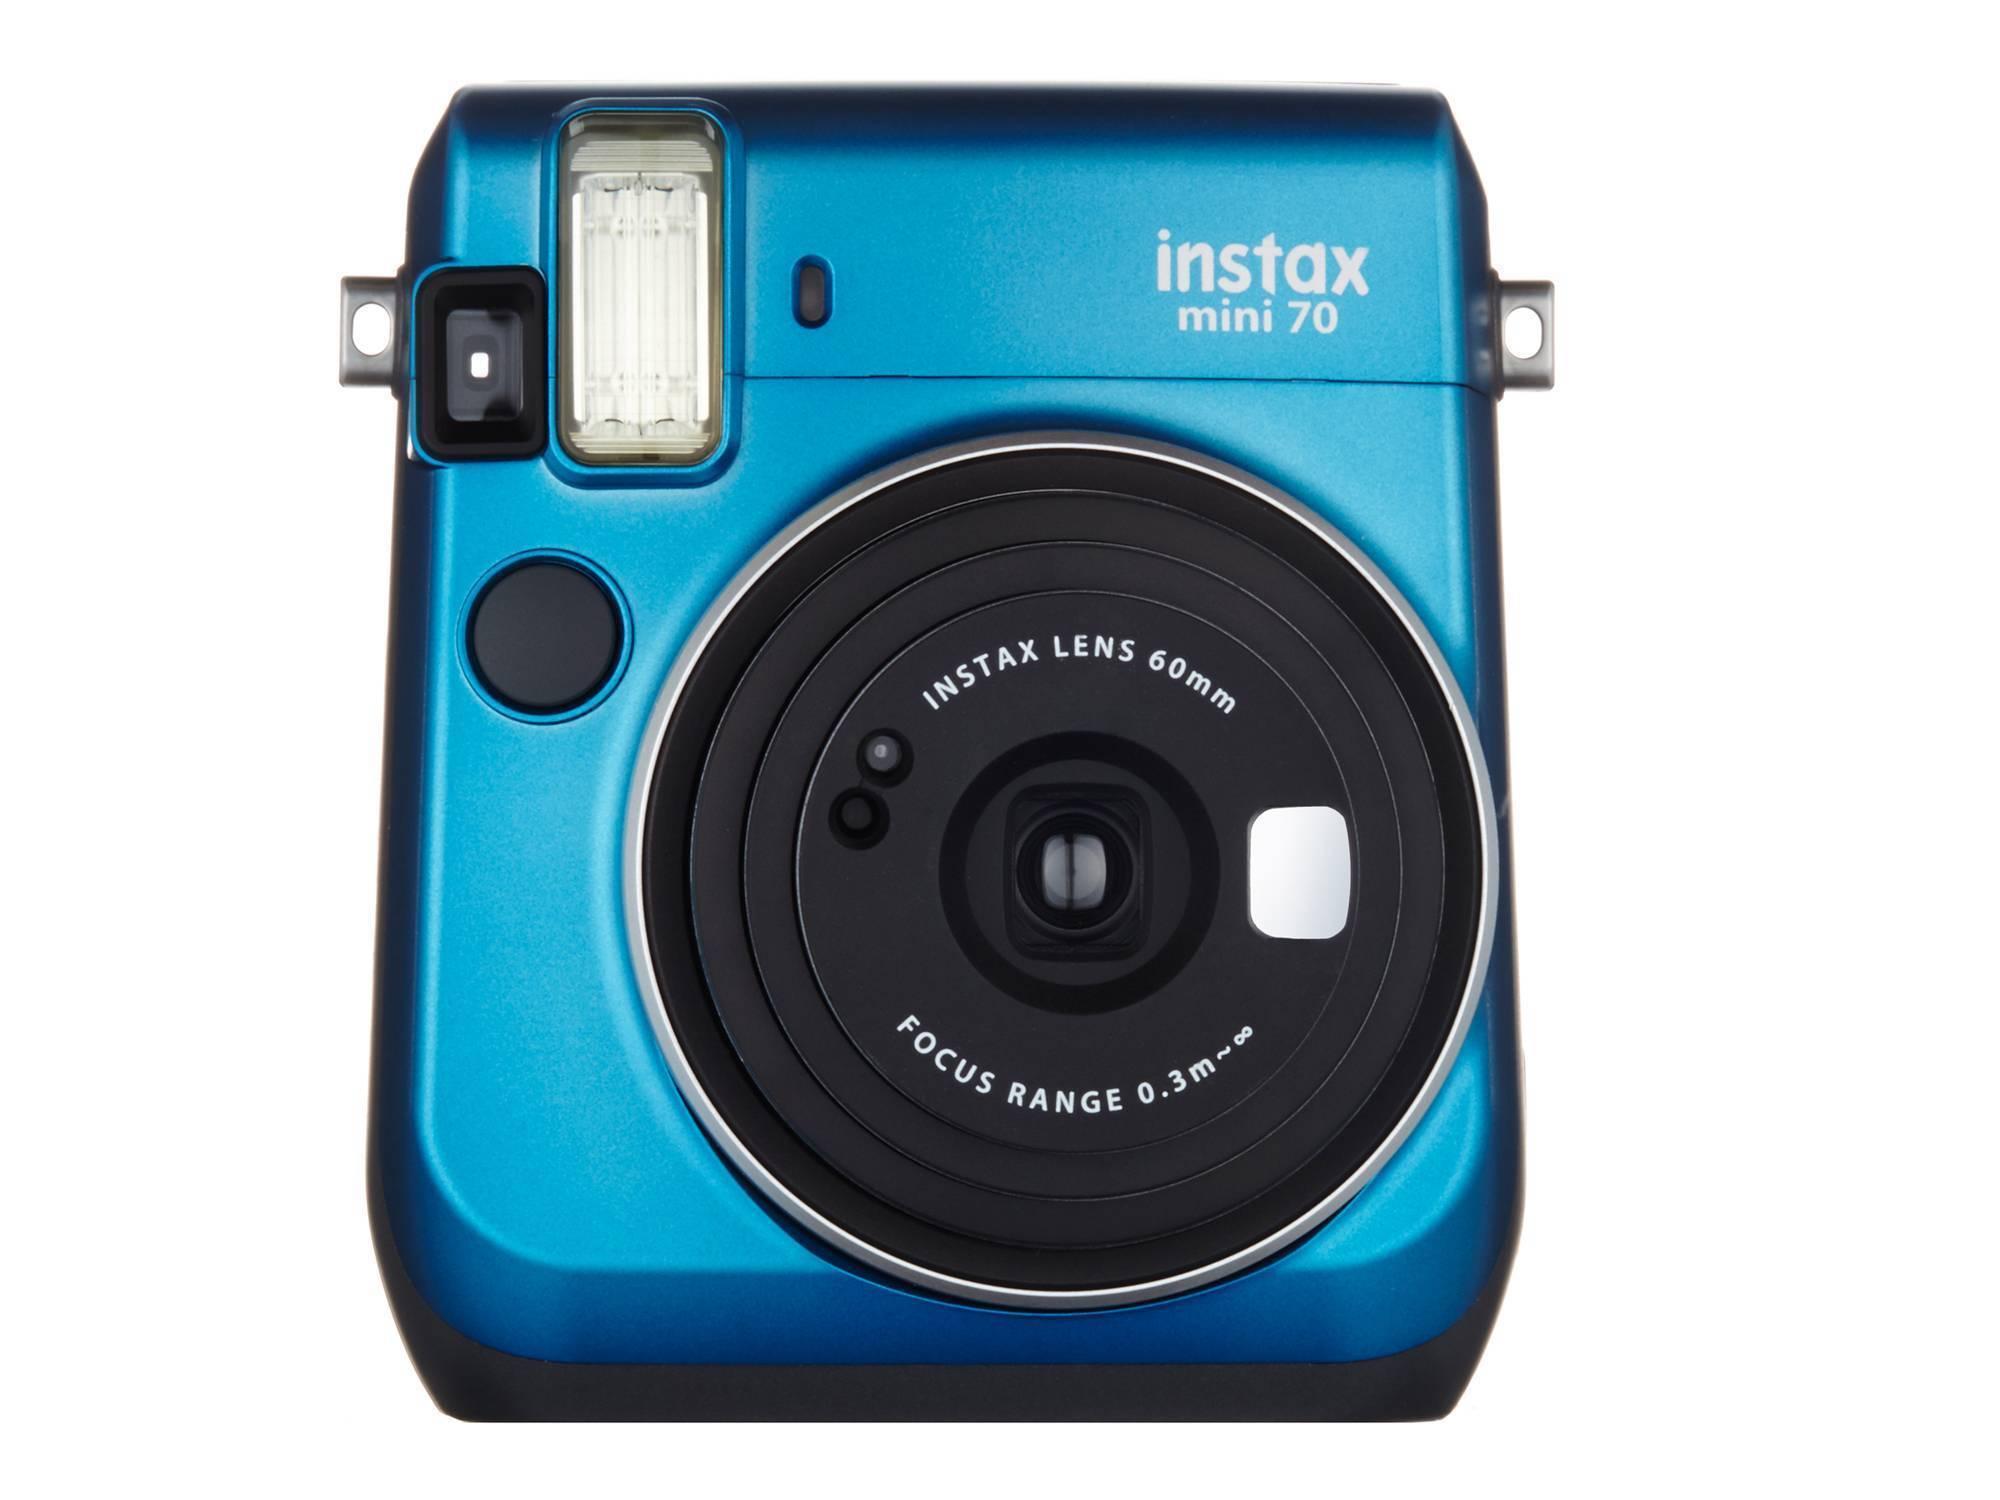 фотоаппарат мгновенной печати сколько стоит пленка отличает несомненное